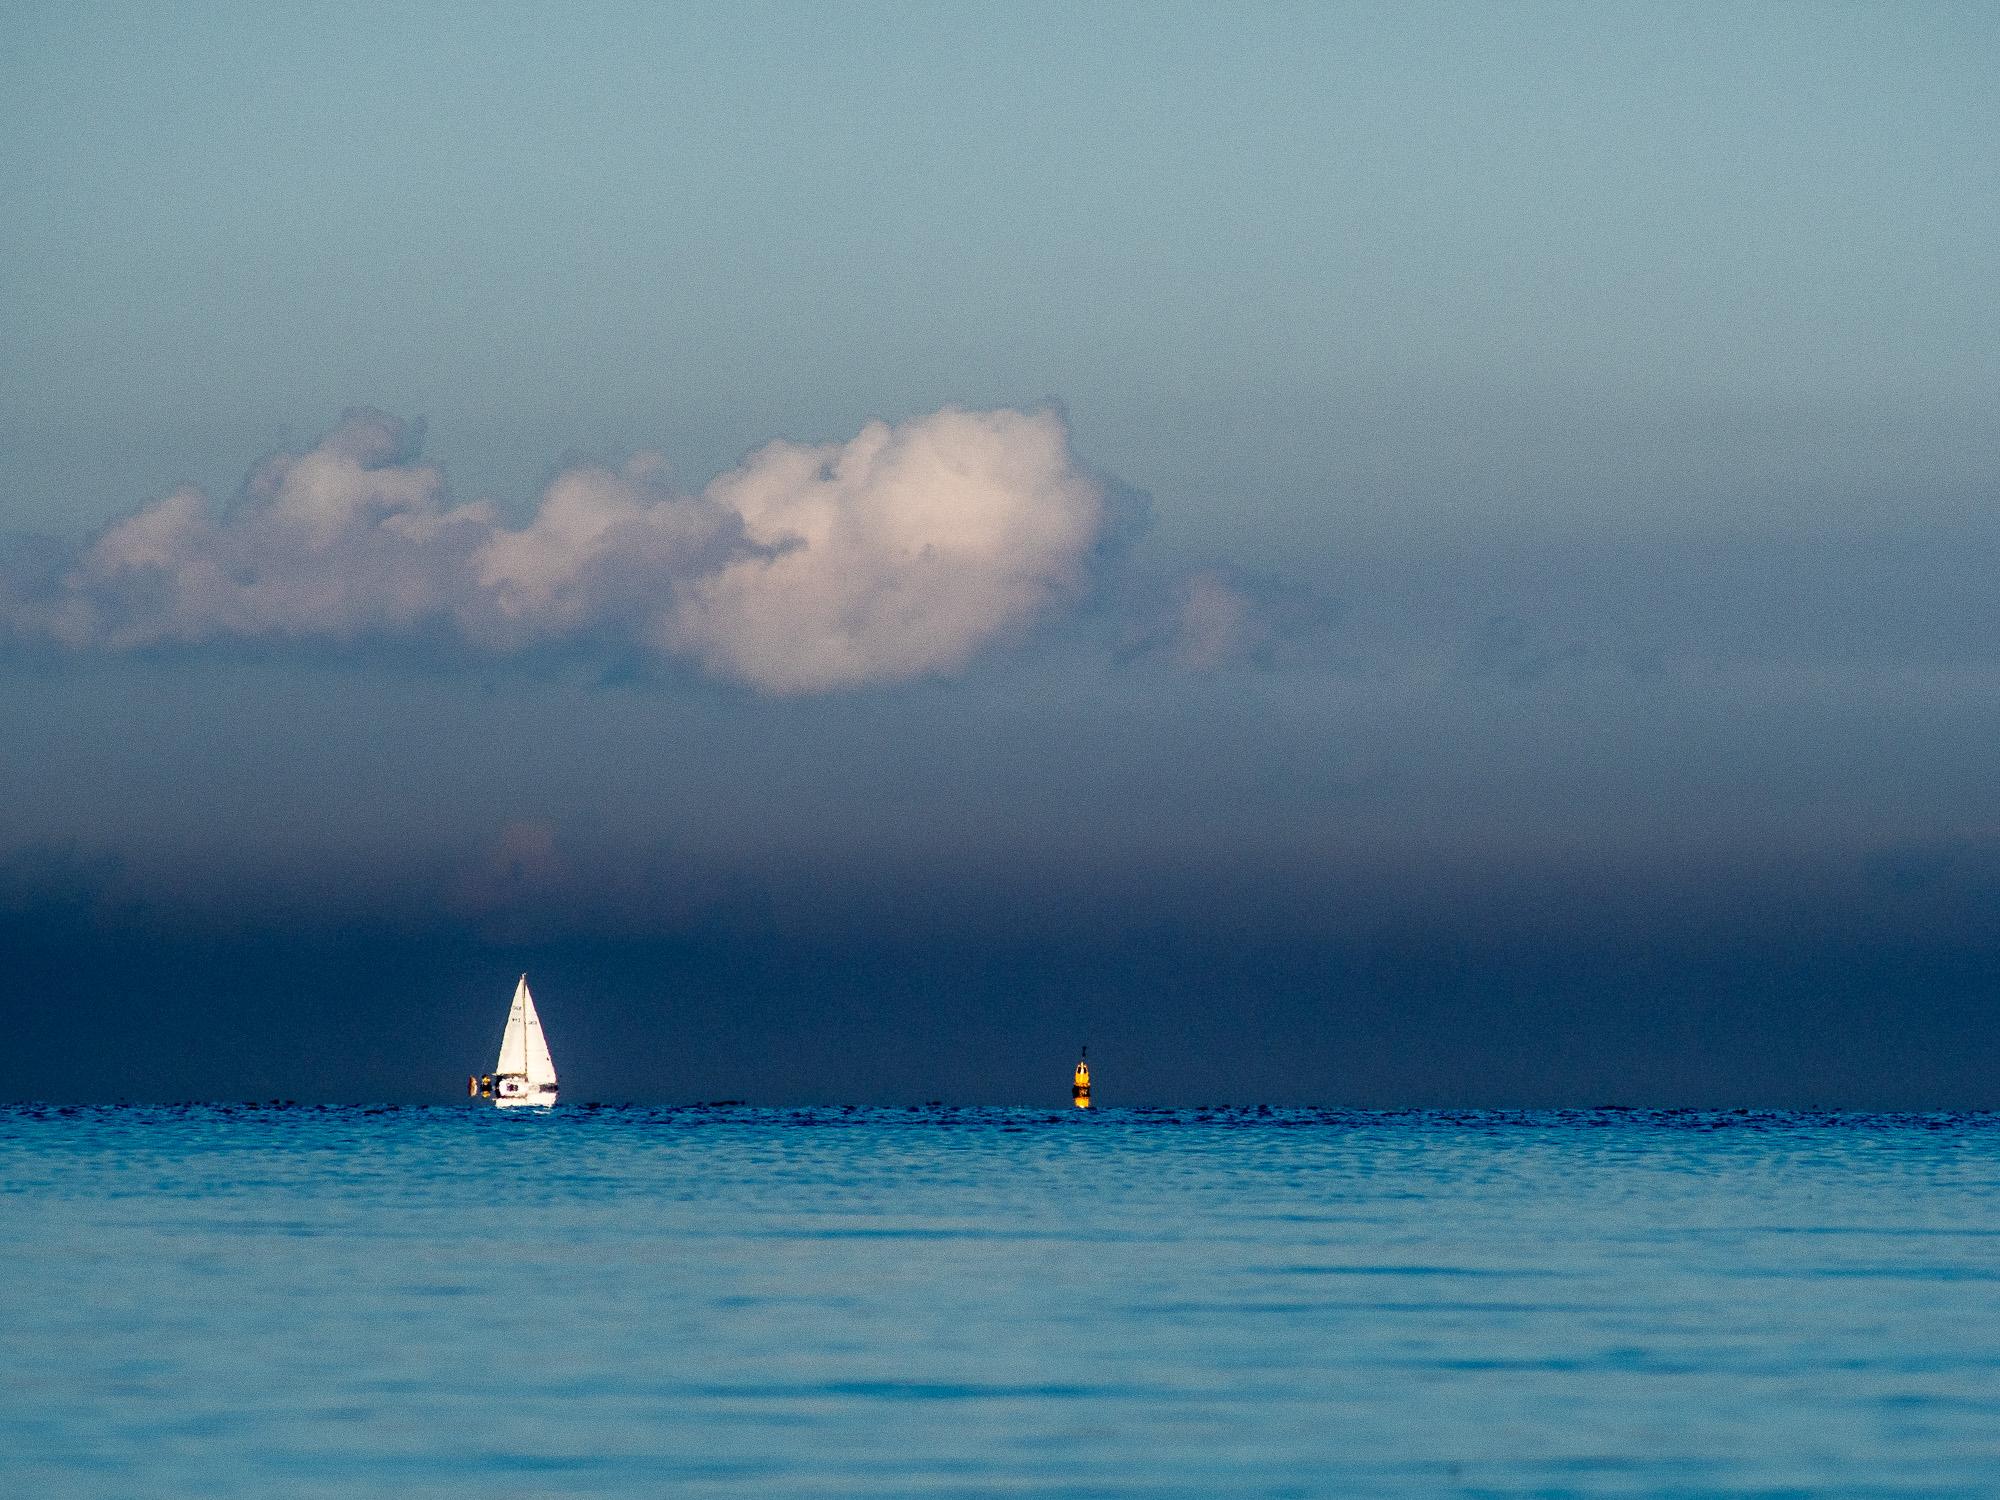 Segelboot und Boje unter dramatischer Wolke